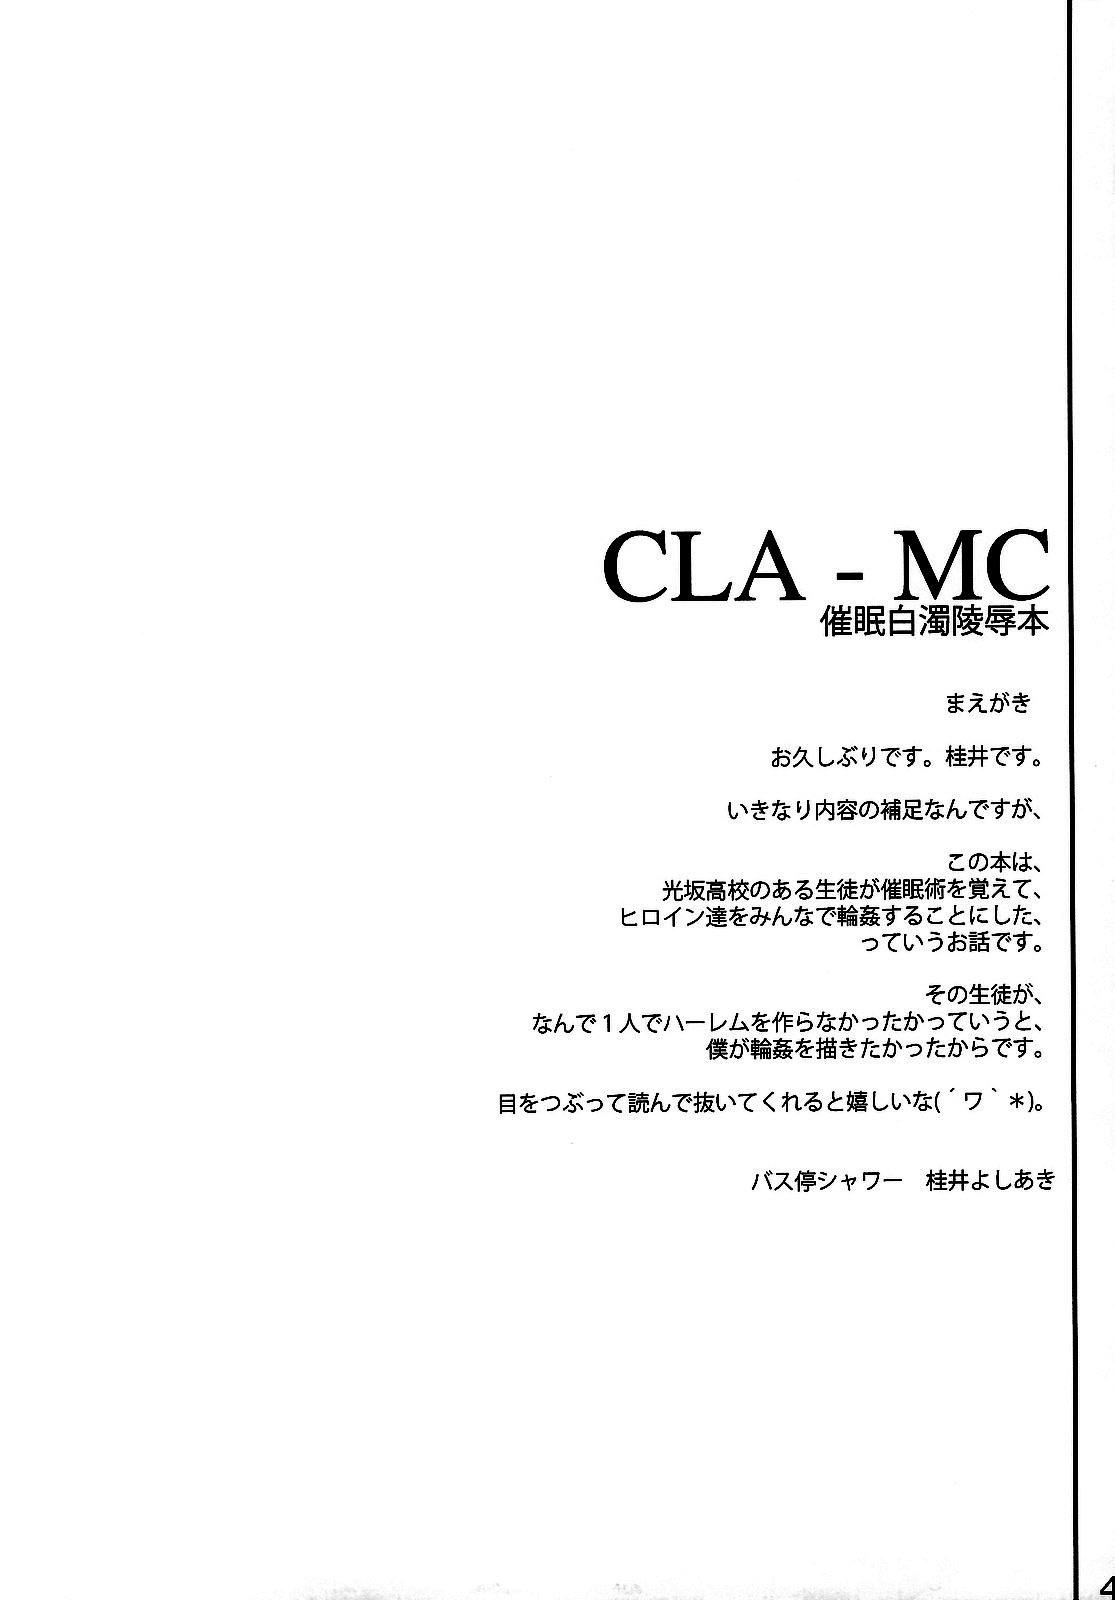 (C76) [Basutei Shower (Katsurai Yoshiaki)] CLA-MC -Saimin Hakudaku Ryoujoku Hon- (Clannad) [English] =Wrathkal+Rocketman= 2